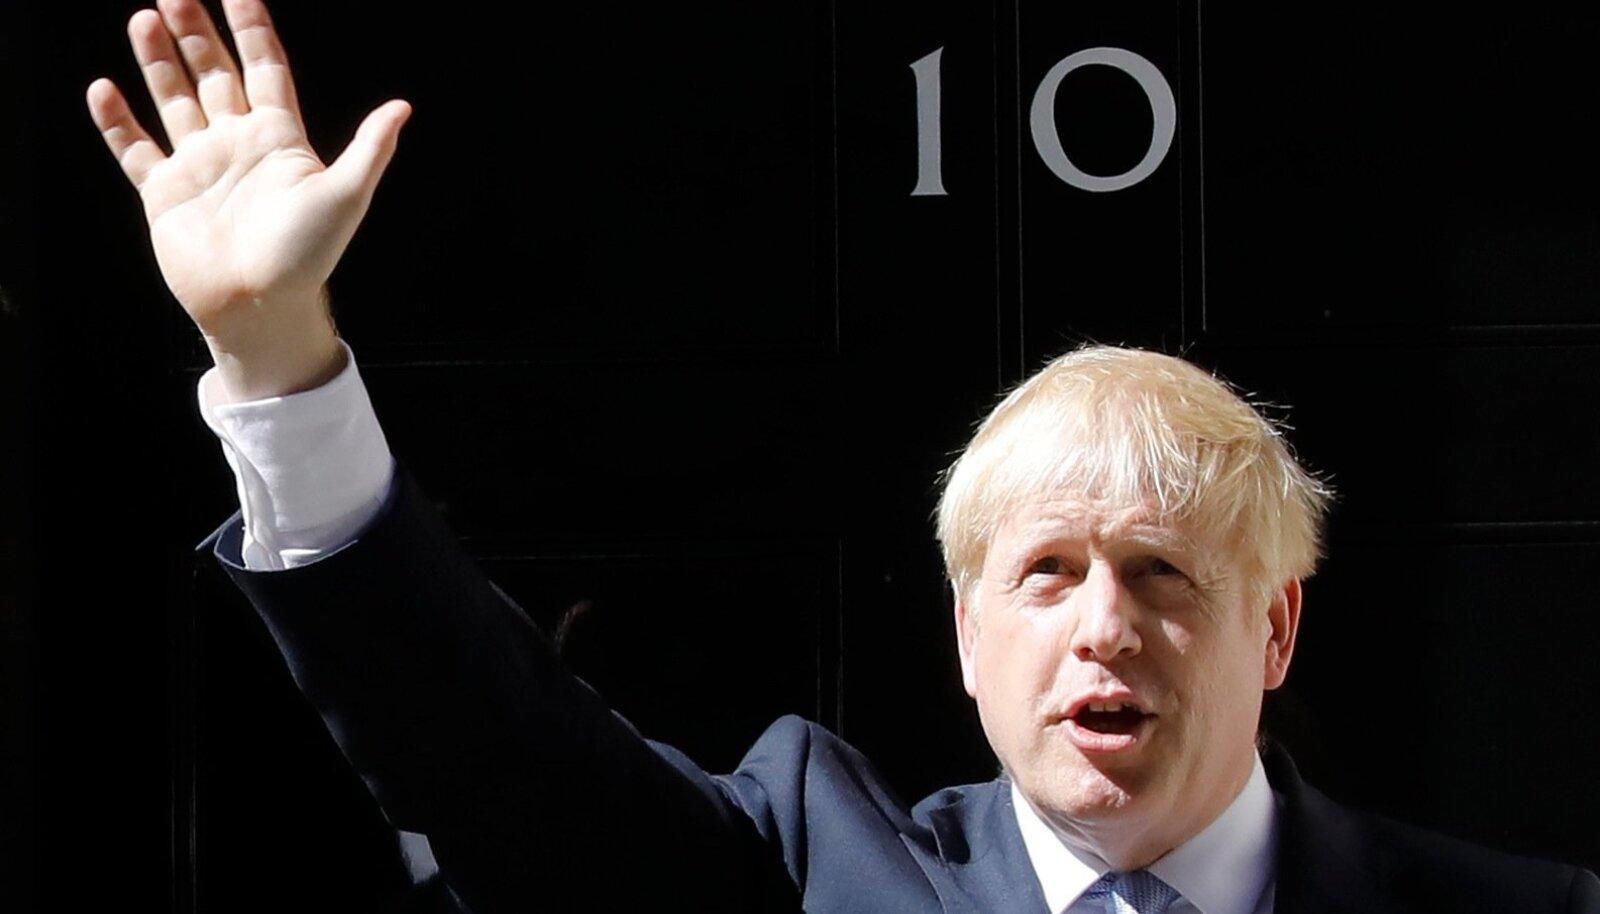 Esimeses kõnes peaministrina lubas Johnson, et ühendab riigi ja taastab rahva usu demokraatiasse.